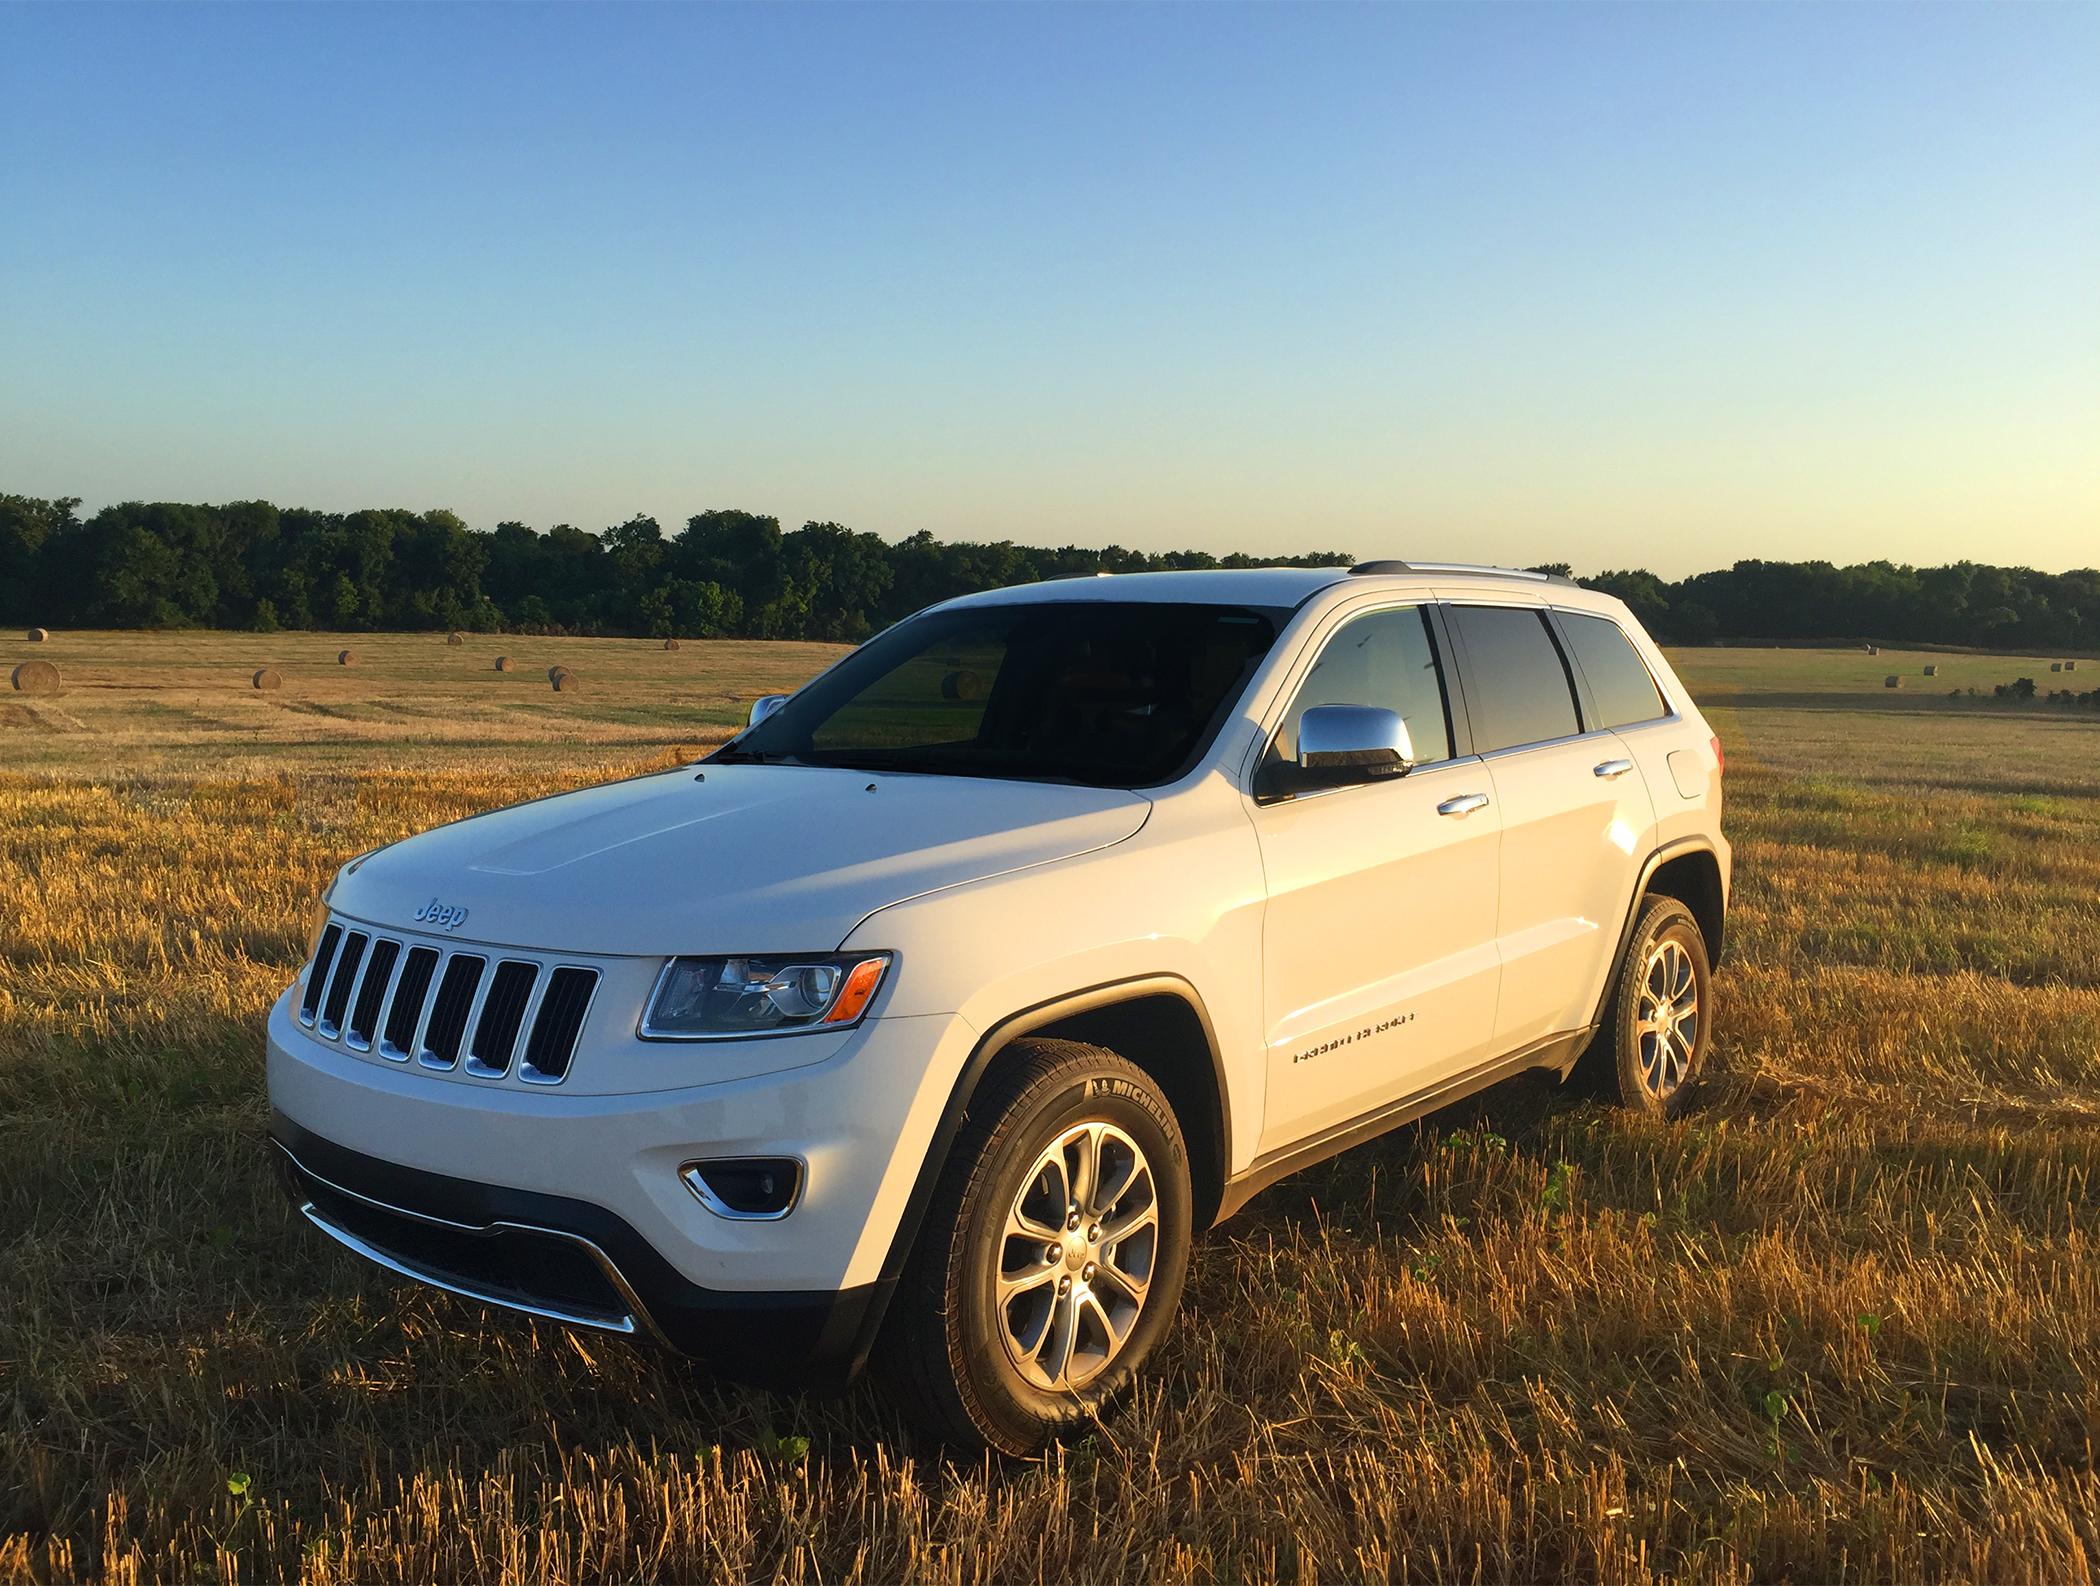 2015 Jeep Grand Cherokee.jpg